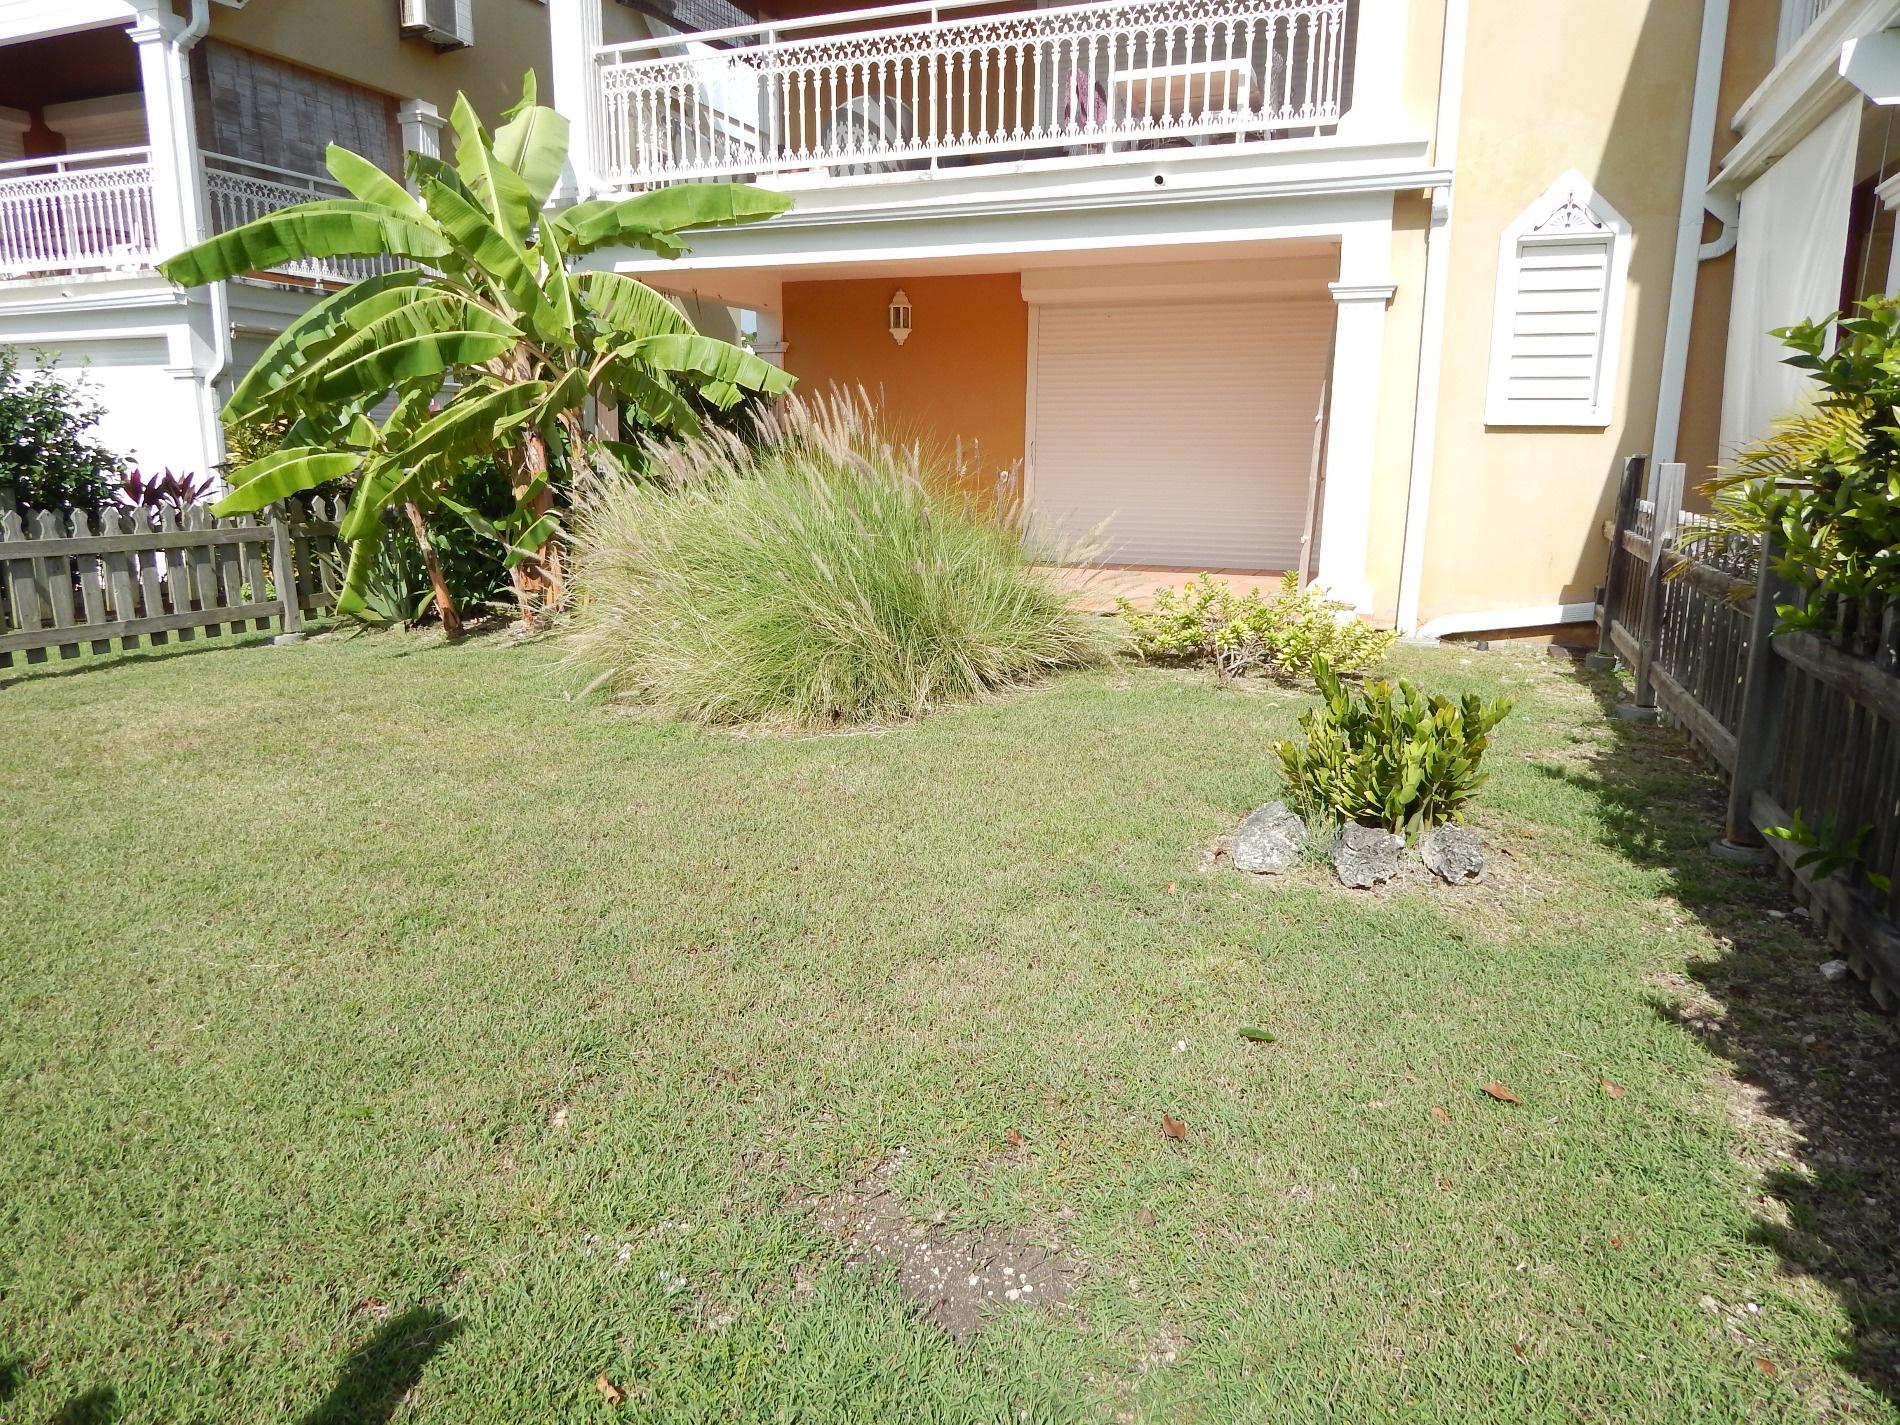 Vente appartement t2 en rez de jardin r sidence s curis e for Amenagement petit jardin 80m2